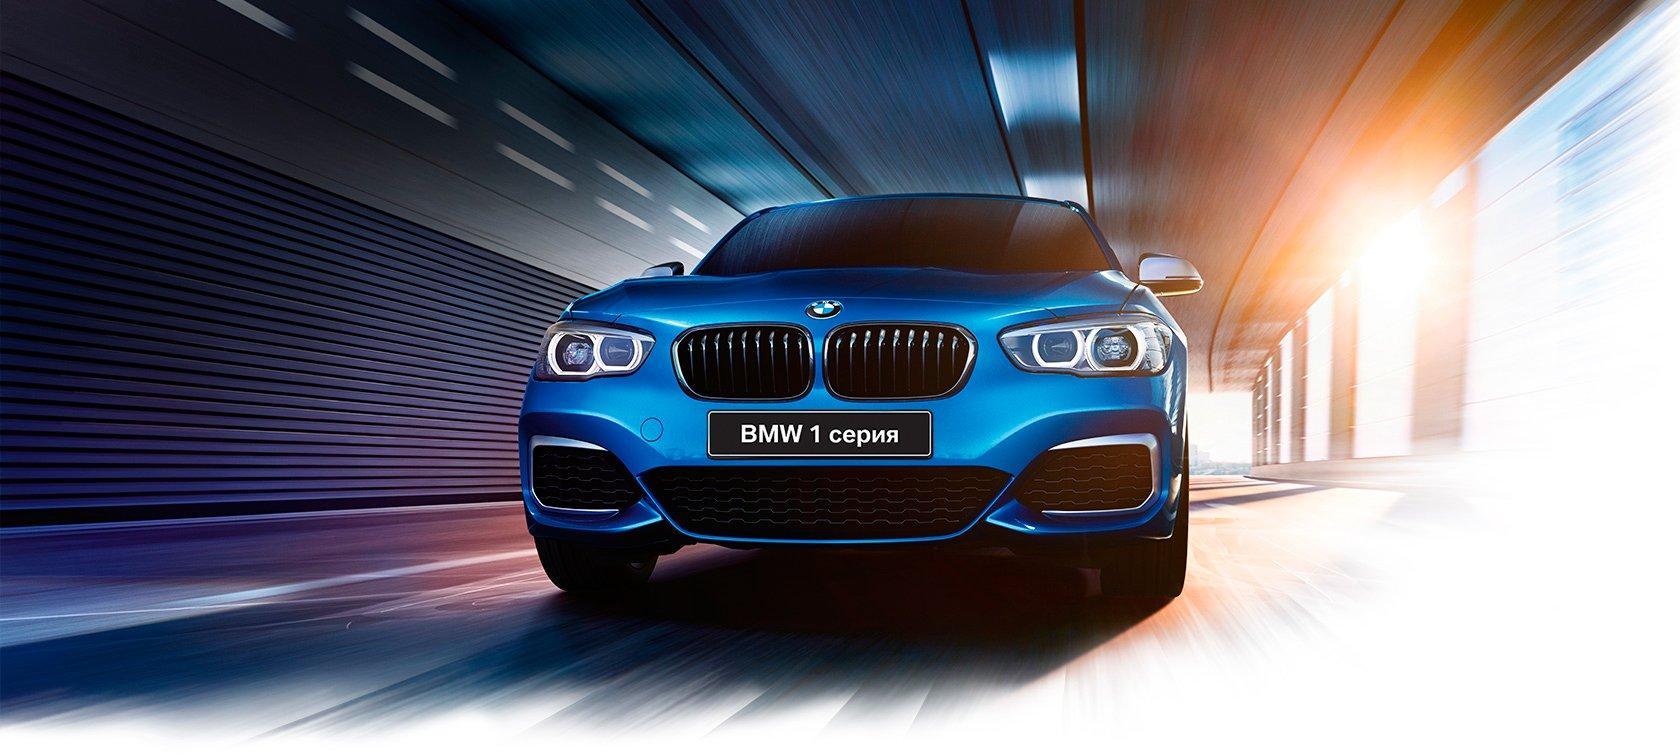 Фото BMW 1 Series (БМВ 1 Серии) - официальный дилер БорисХоф